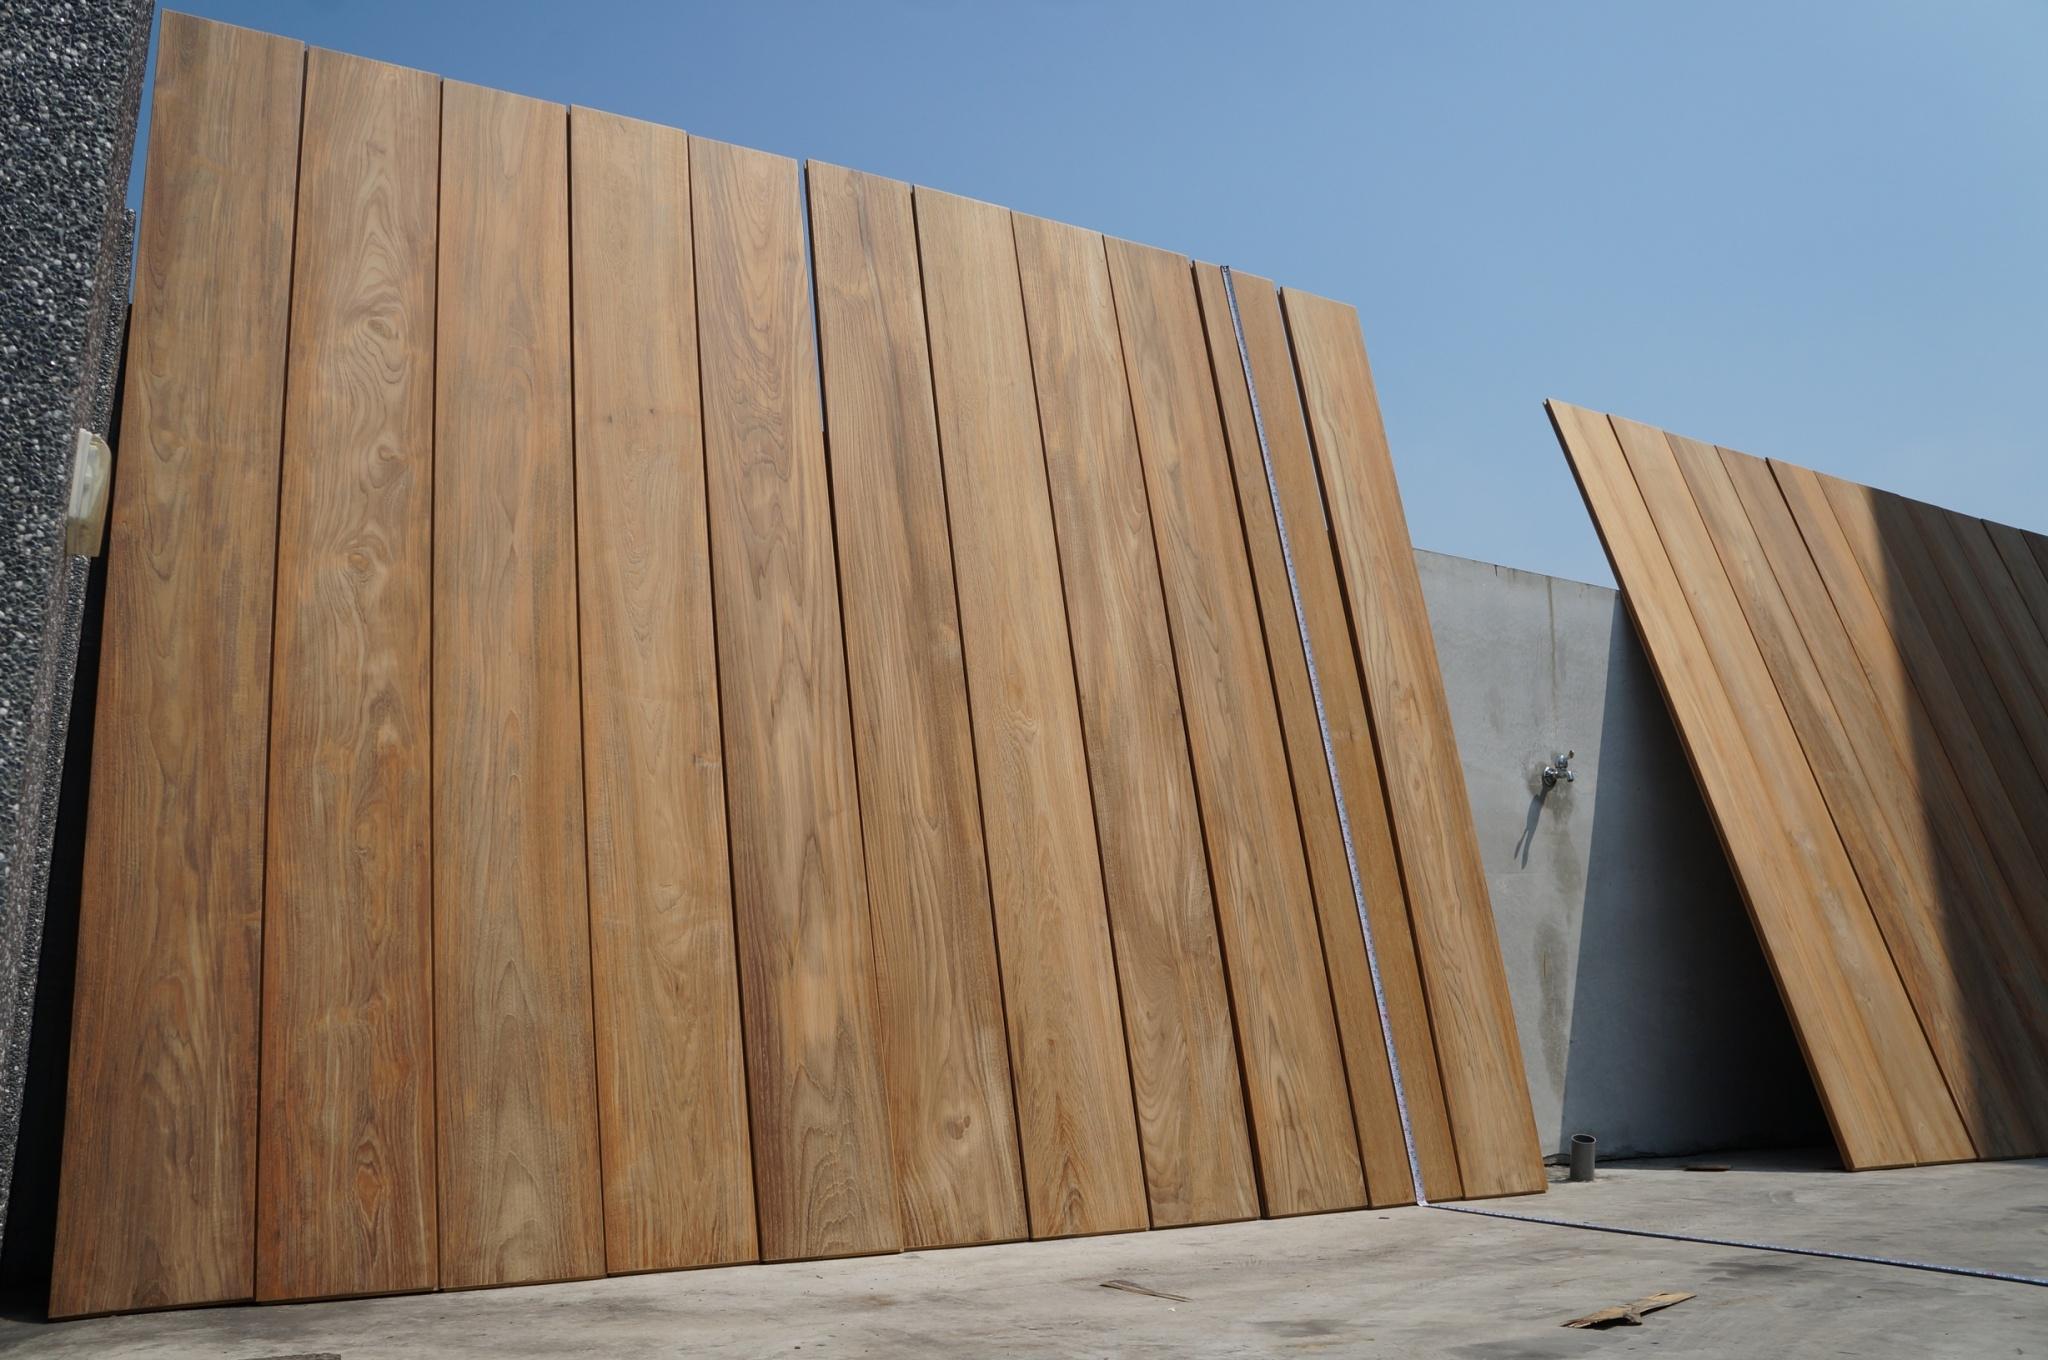 柚木實木地板緬甸柚木實木地板優渥實木家具免費室內設計